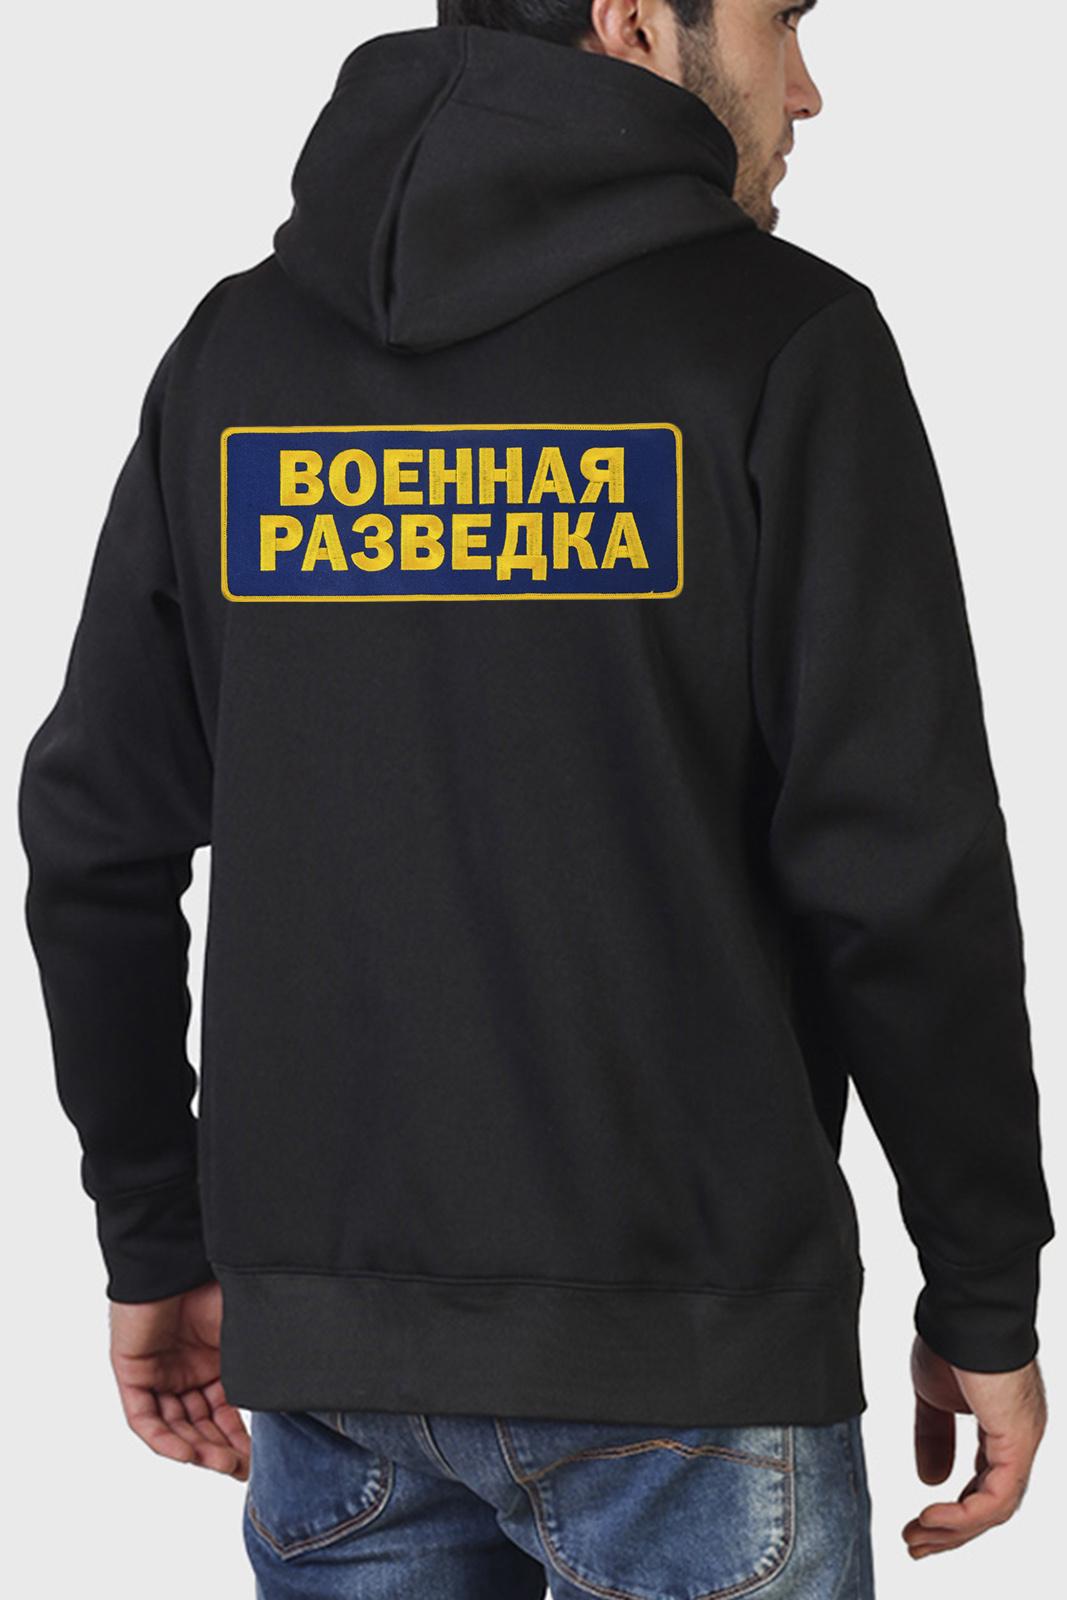 Мужская милитари толстовка Военная Разведка.